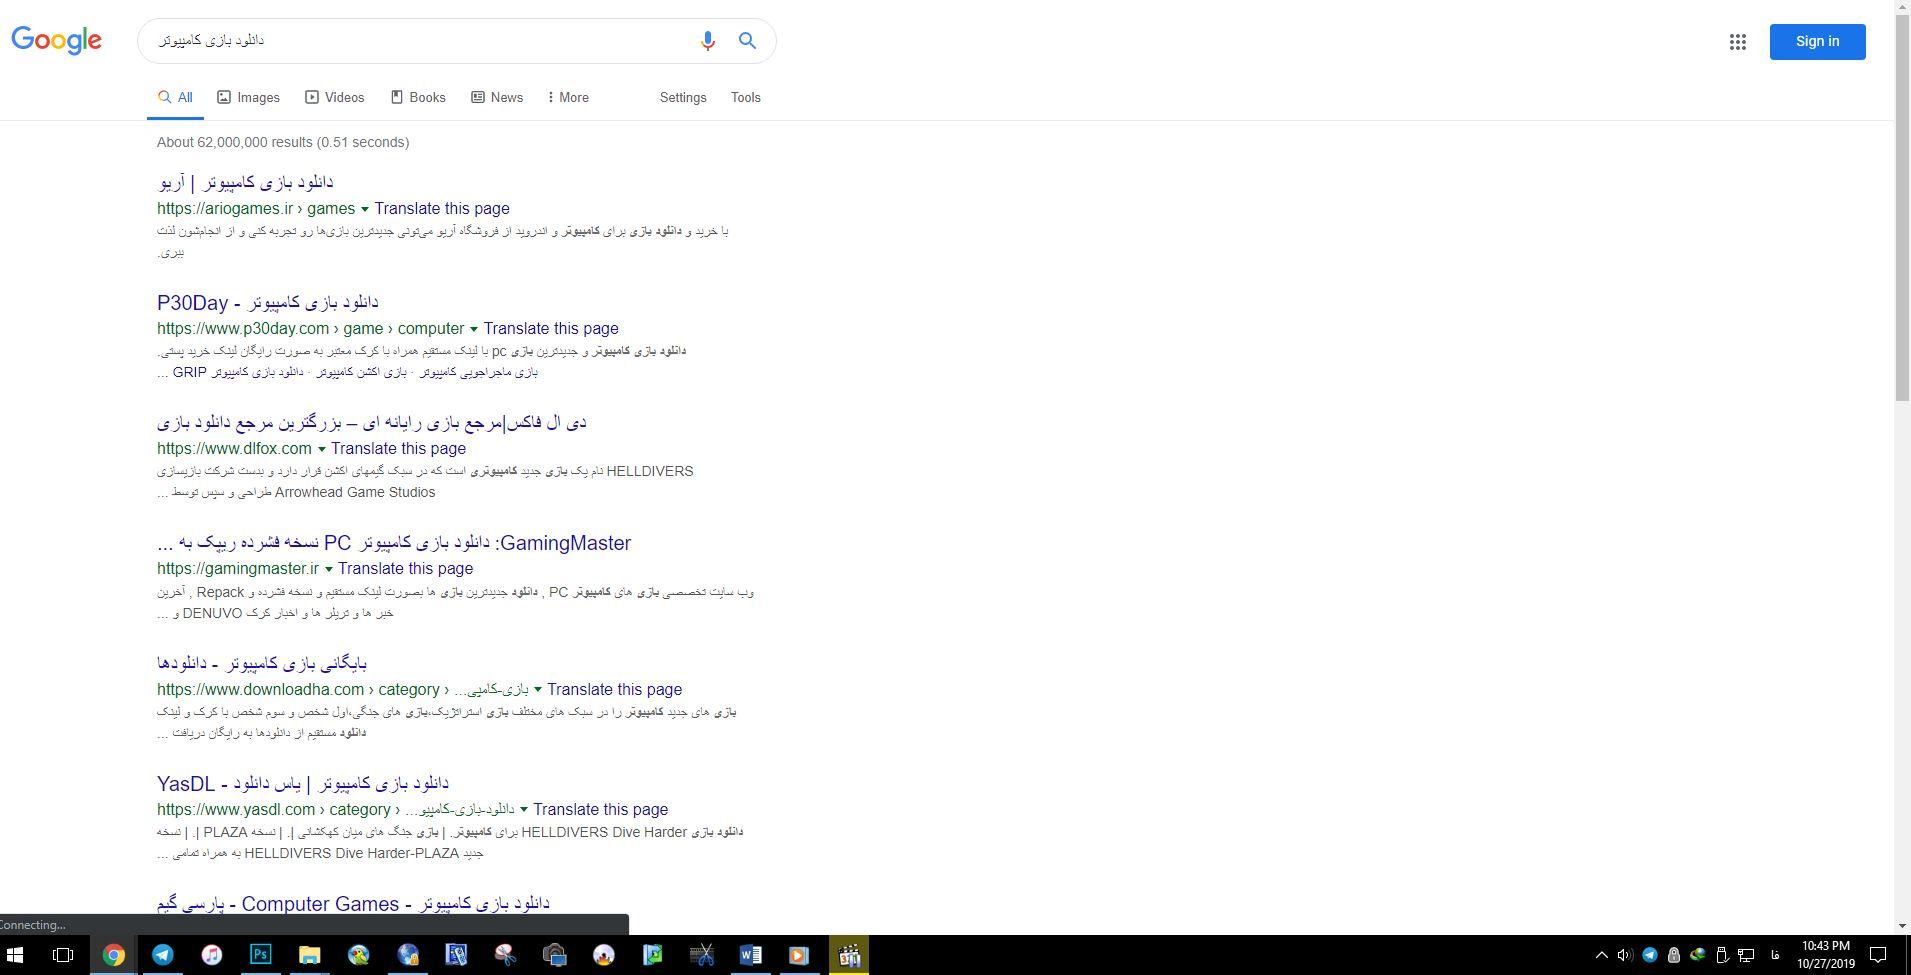 نمایش آریو در رتبه 1 صفحه نتایج گوگل در کلمه کلیدی دانلود بازی کامپیوتر